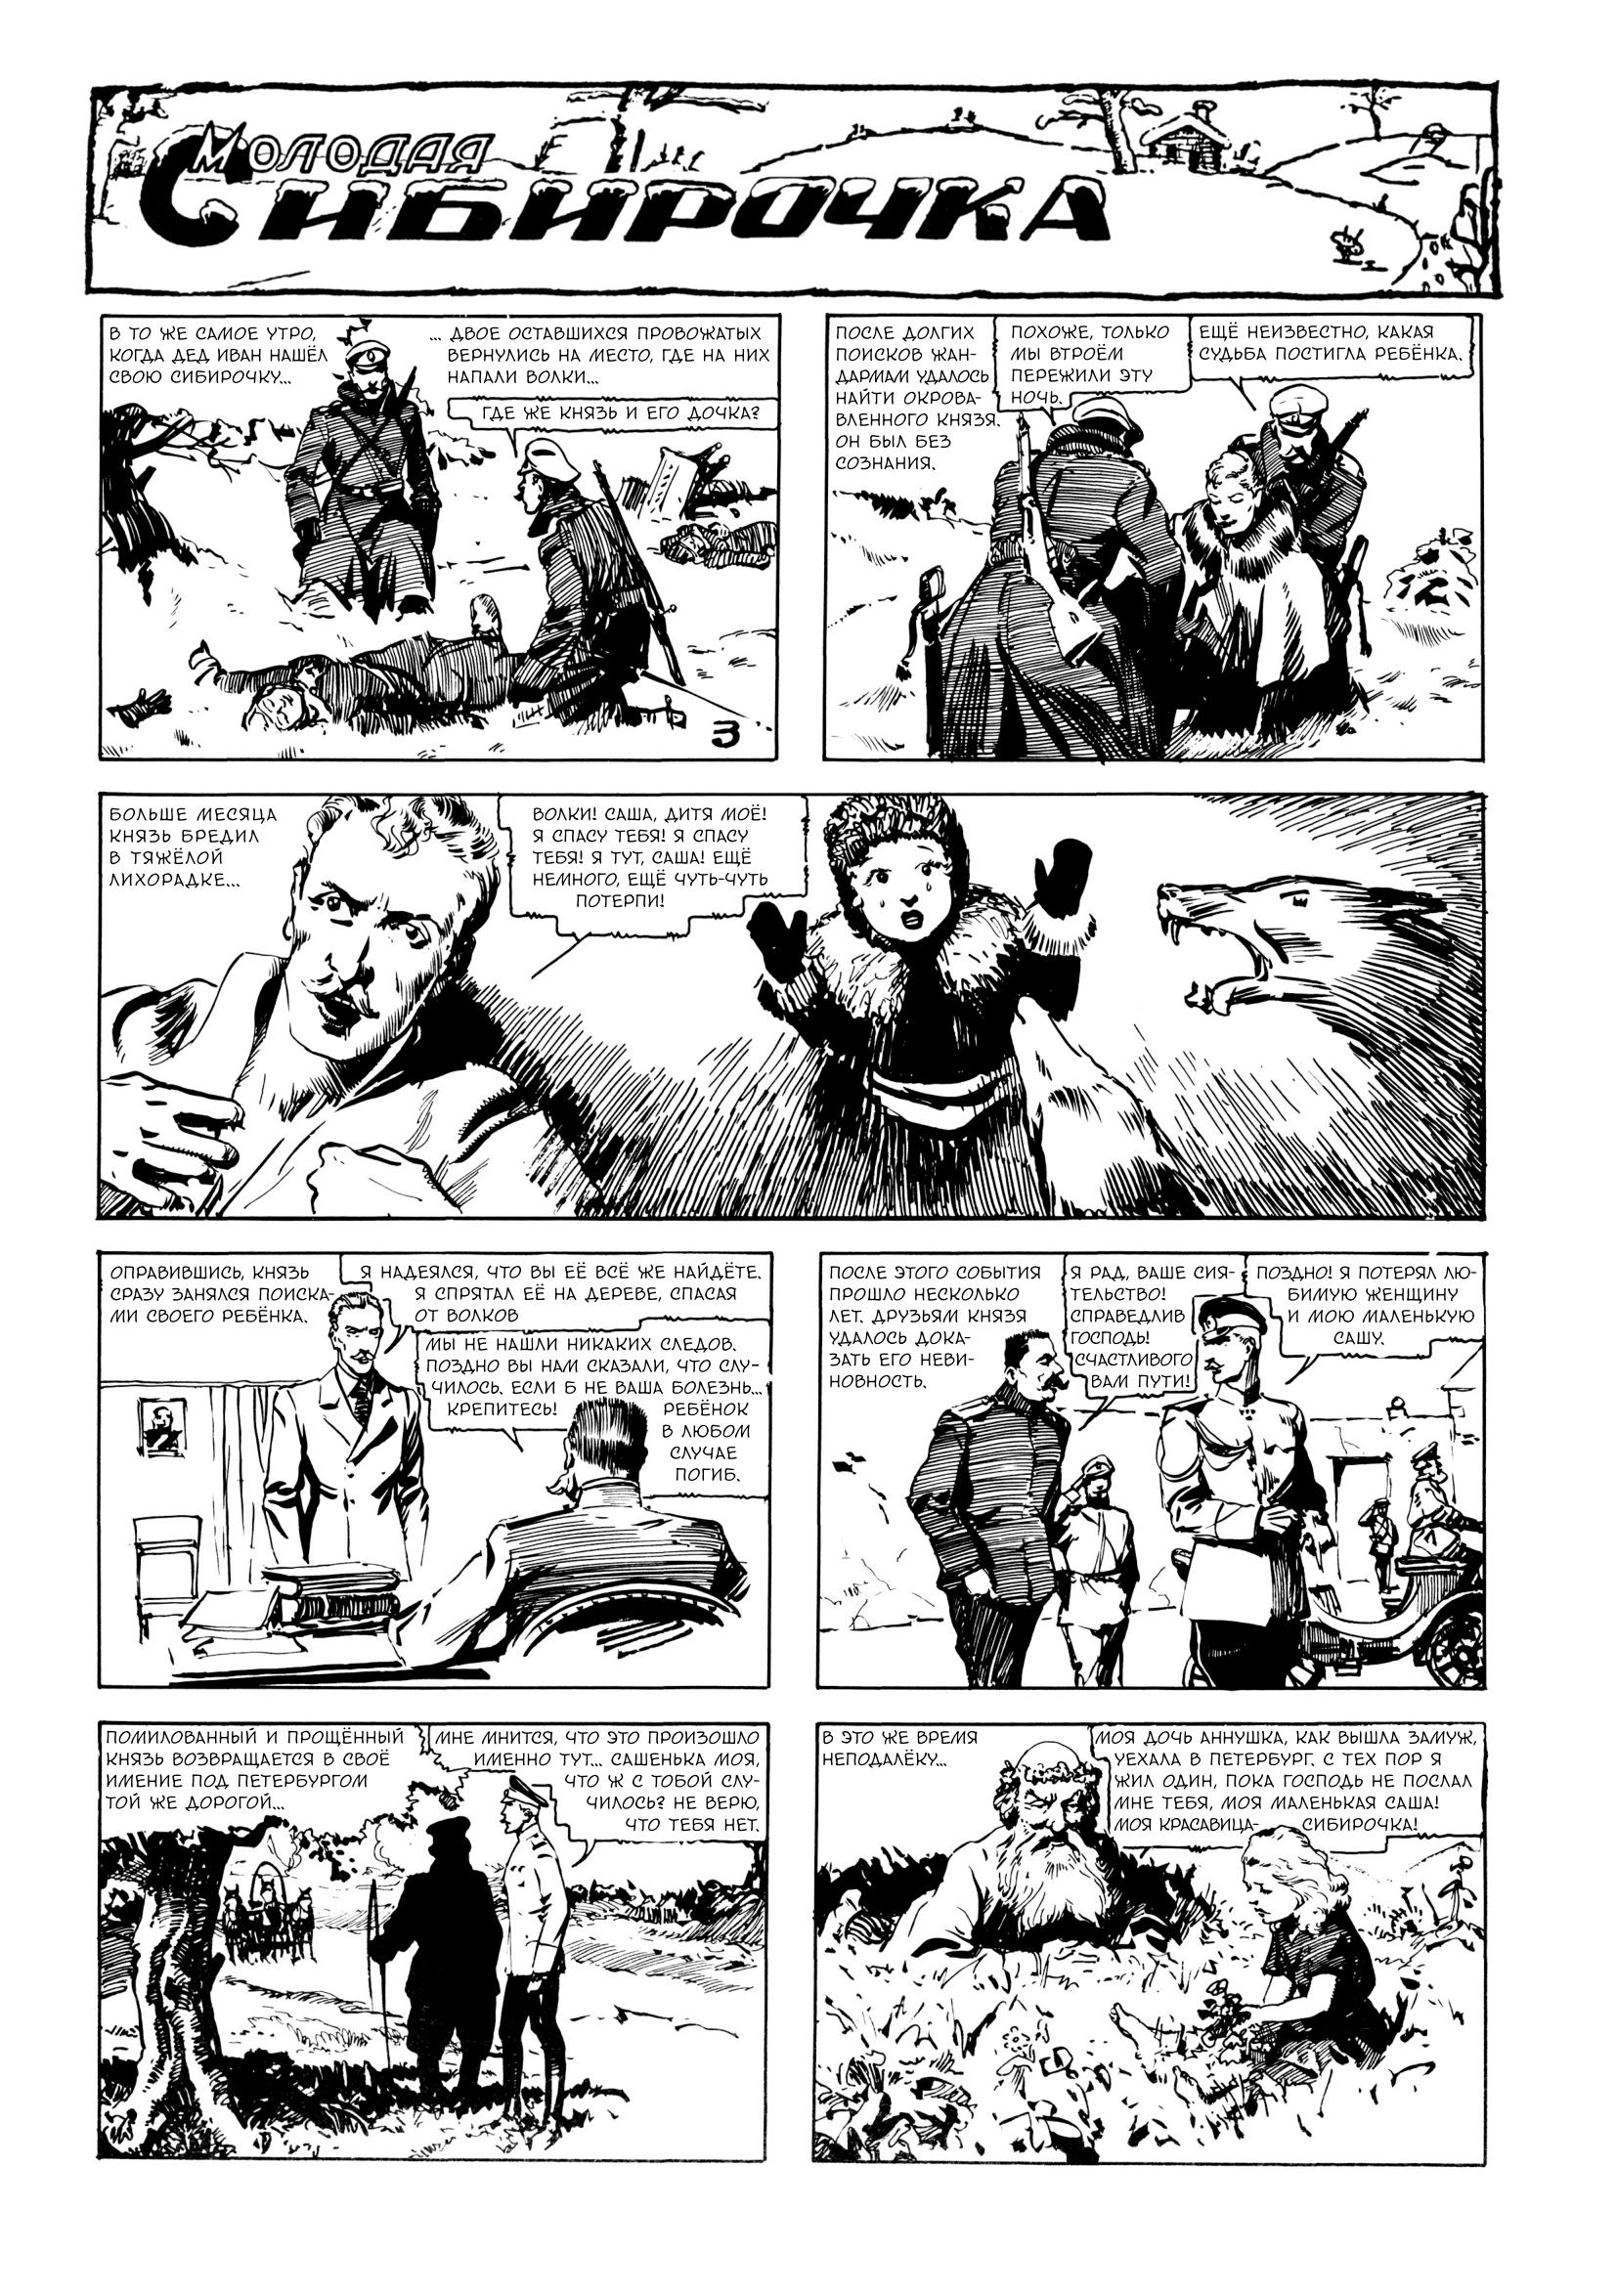 Русский комикс, 1935-1945, королевство Югославия. Отрывок из Сибирочки - Stone Forest